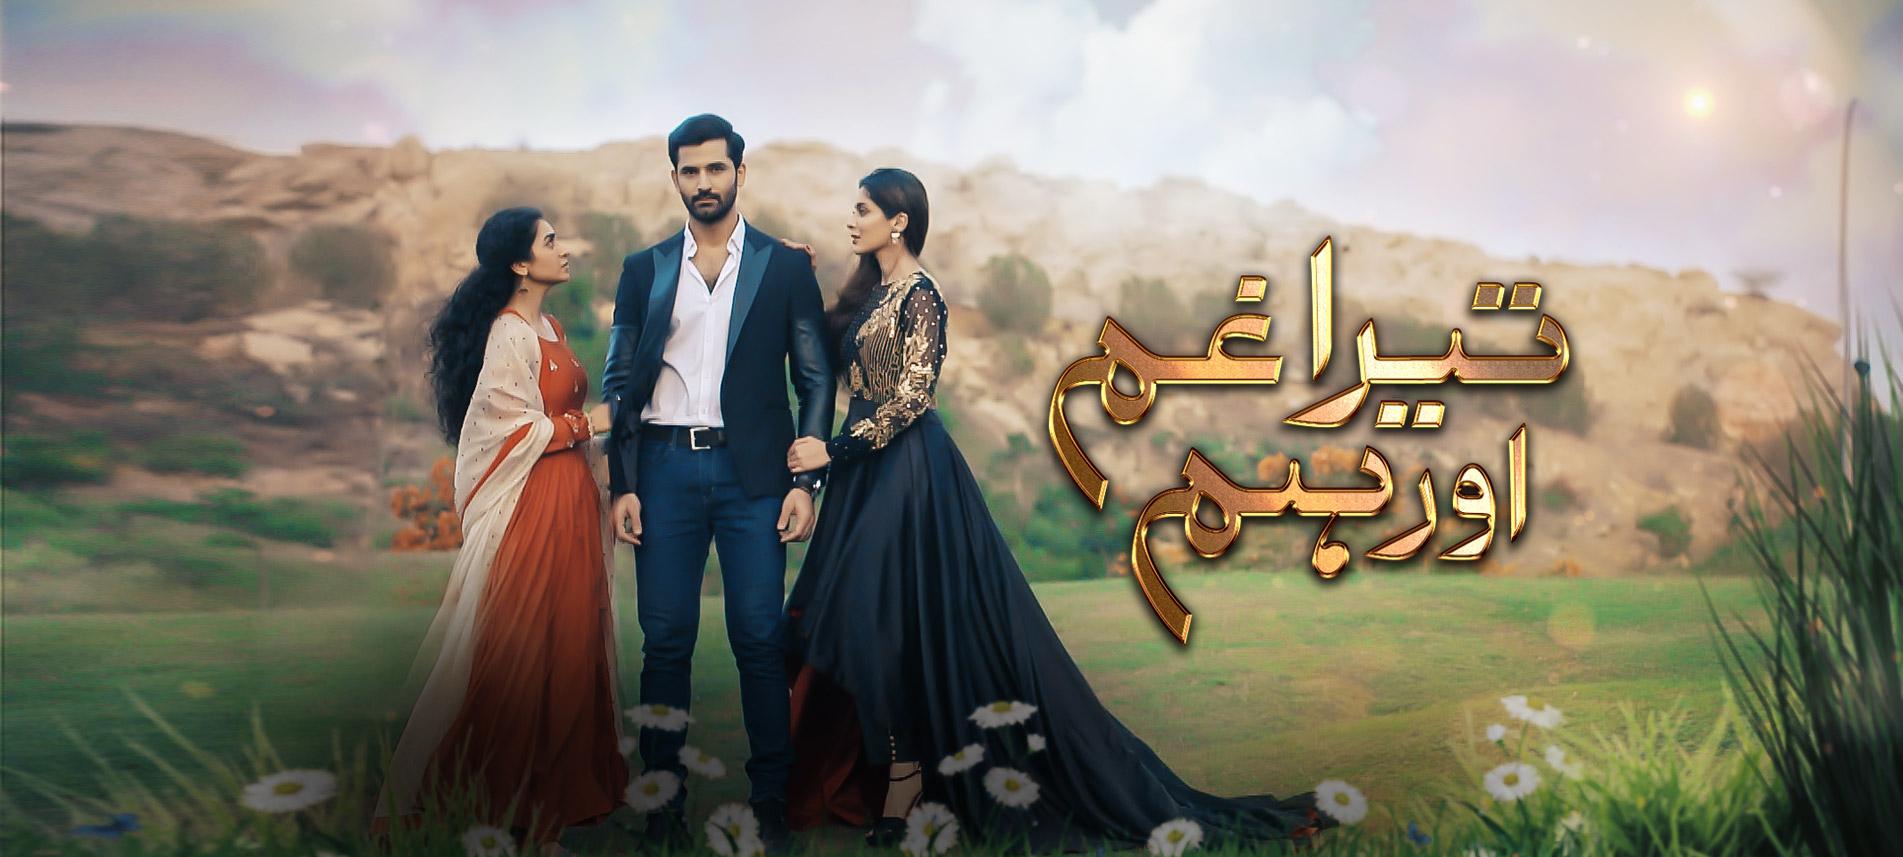 Popular Pakistani Dramas With Worst Endings